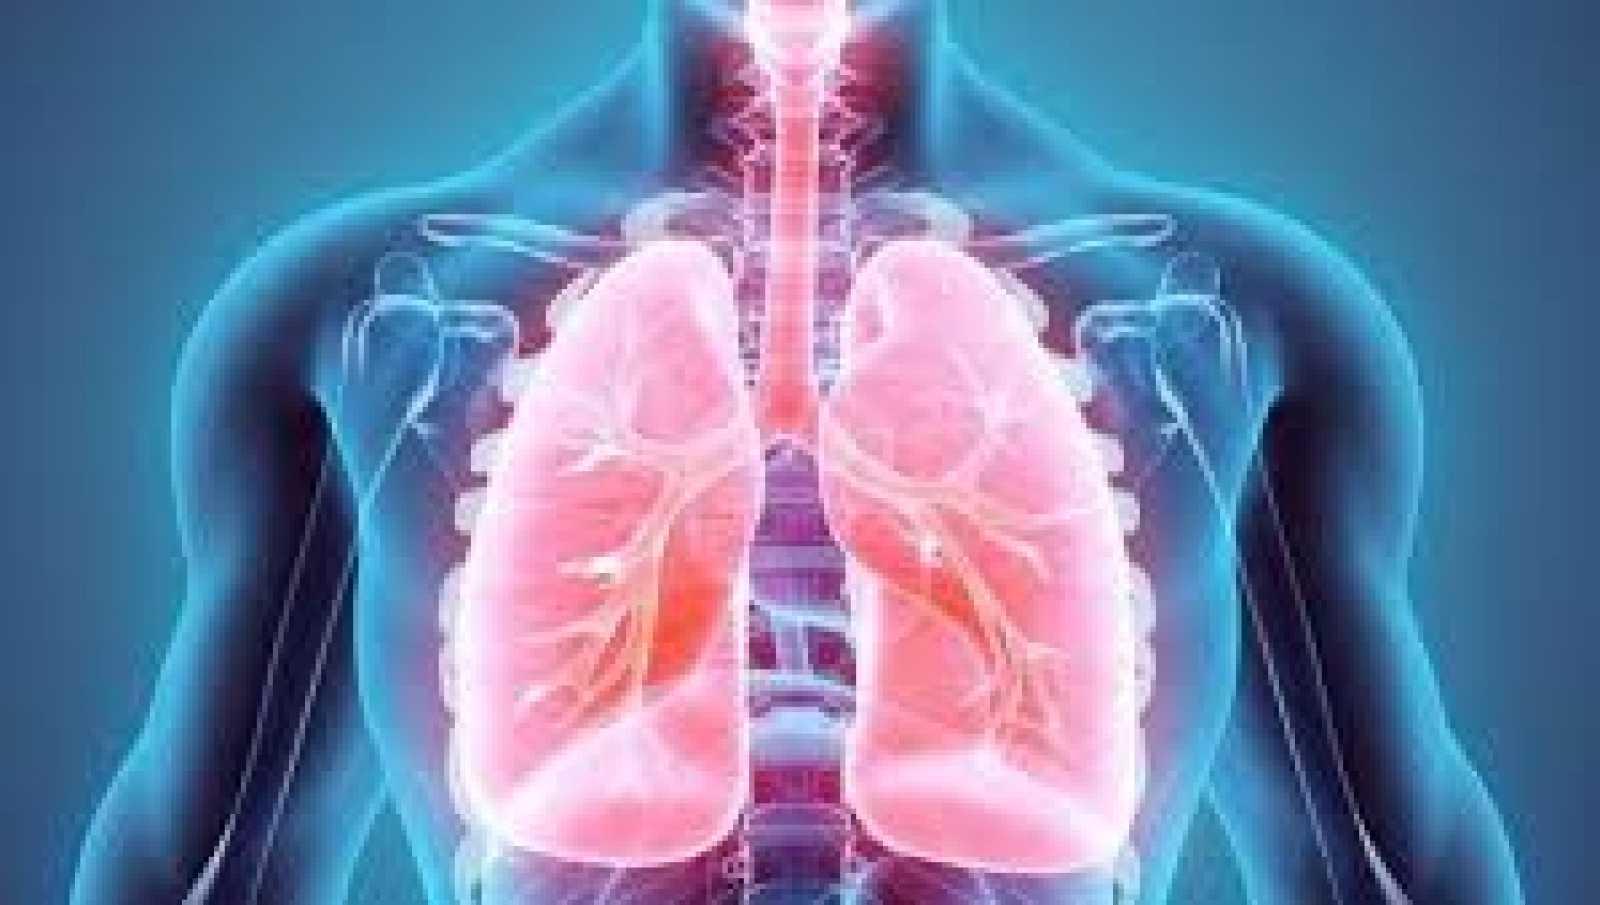 Entrevista carrera cancer de pulmón - 28/10/20 - Escuchar ahora